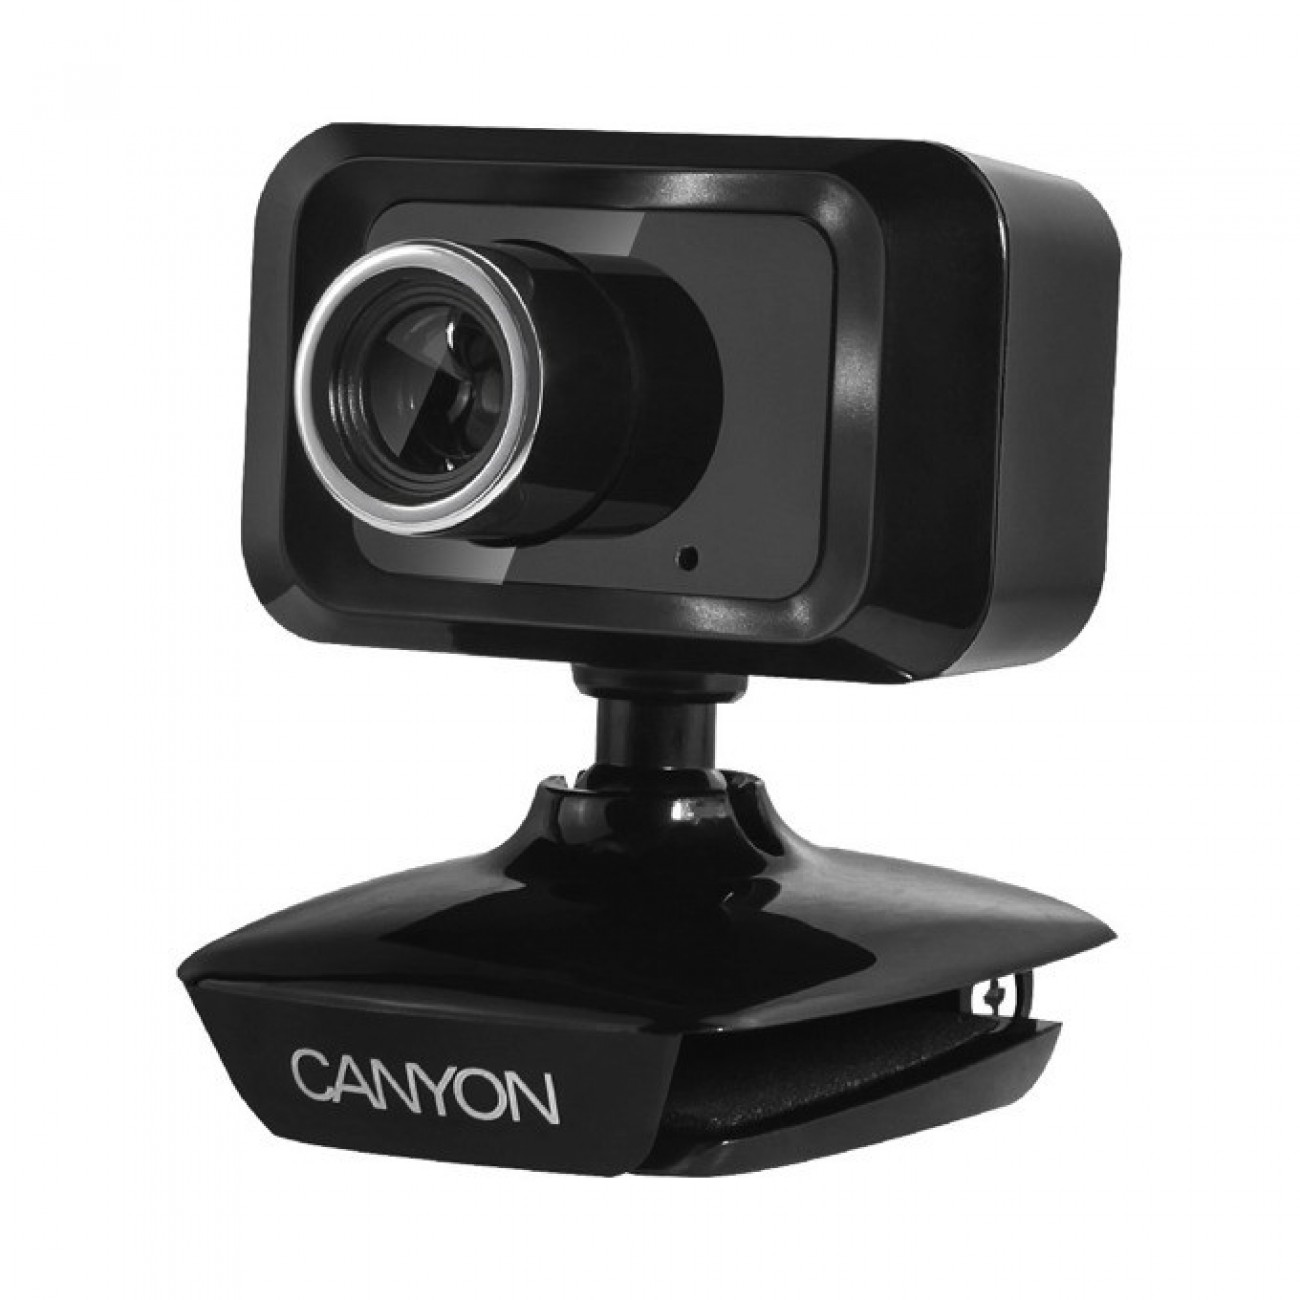 Уеб камера Canyon CNE-CWC1, 1600x1200 pix, микрофон в Уеб камери -  | Alleop